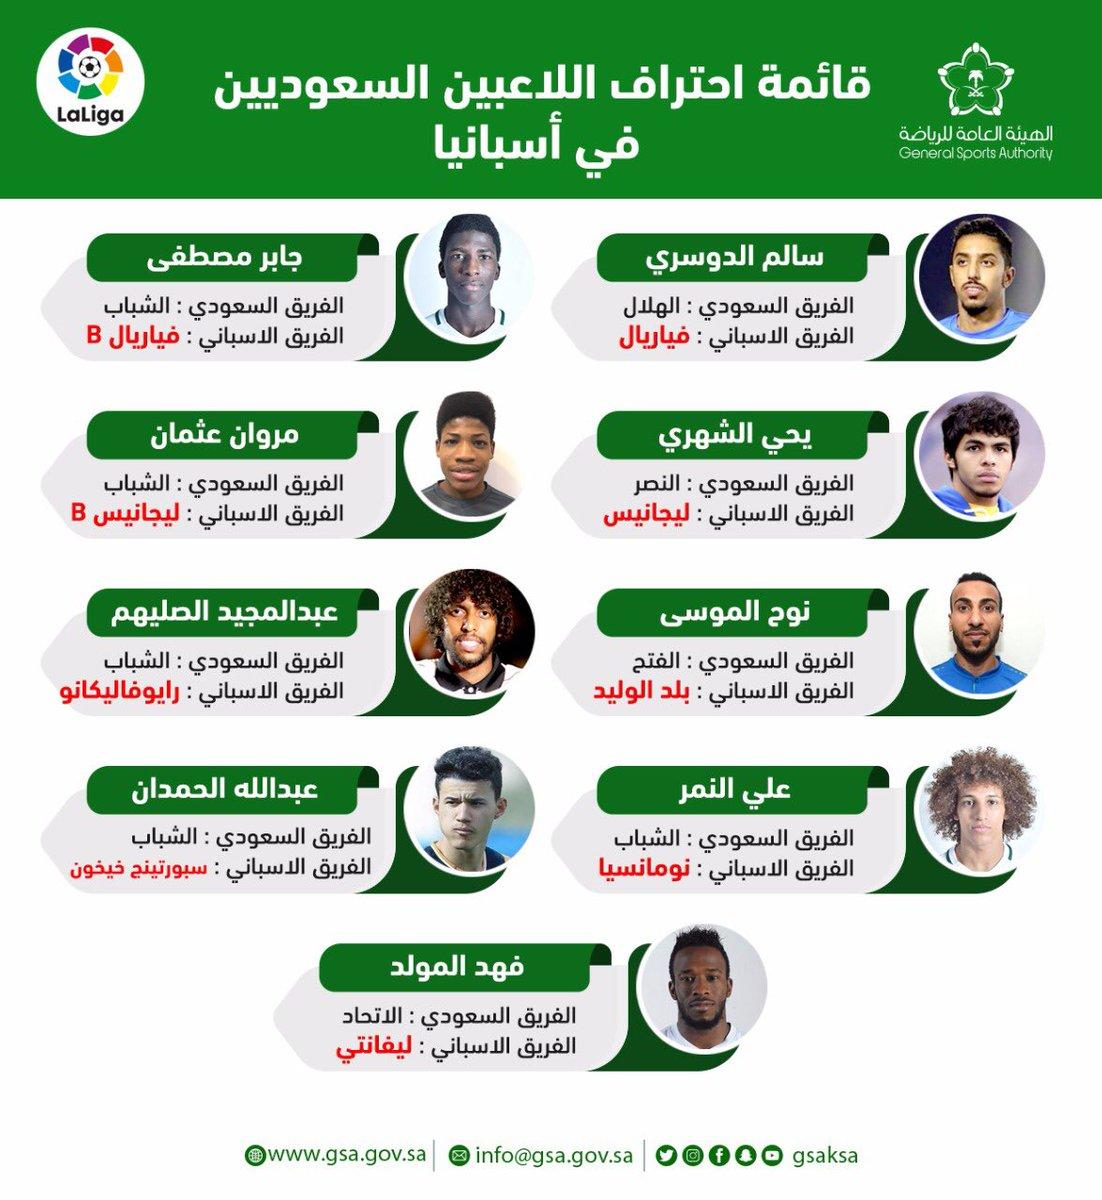 احتراف اللاعب السعودي خارجيا باقة